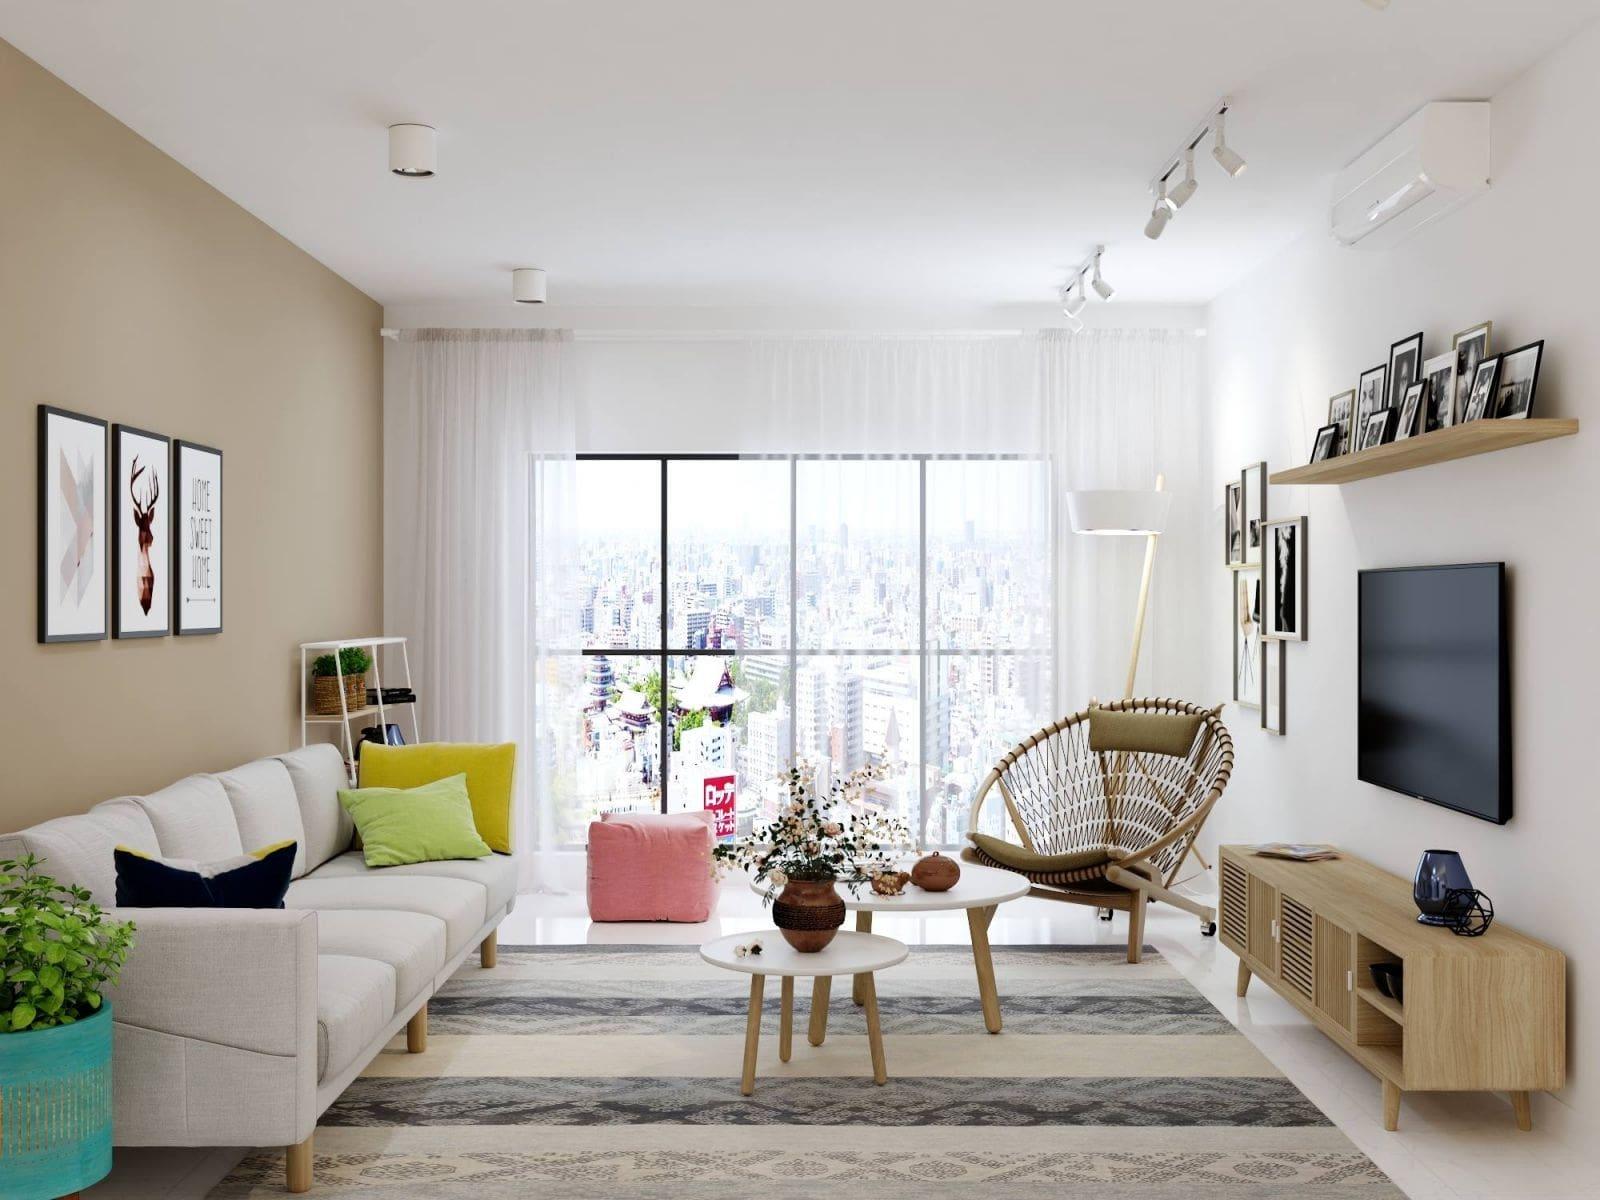 mẫu thiết kế phòng khách nhà ống đẹp